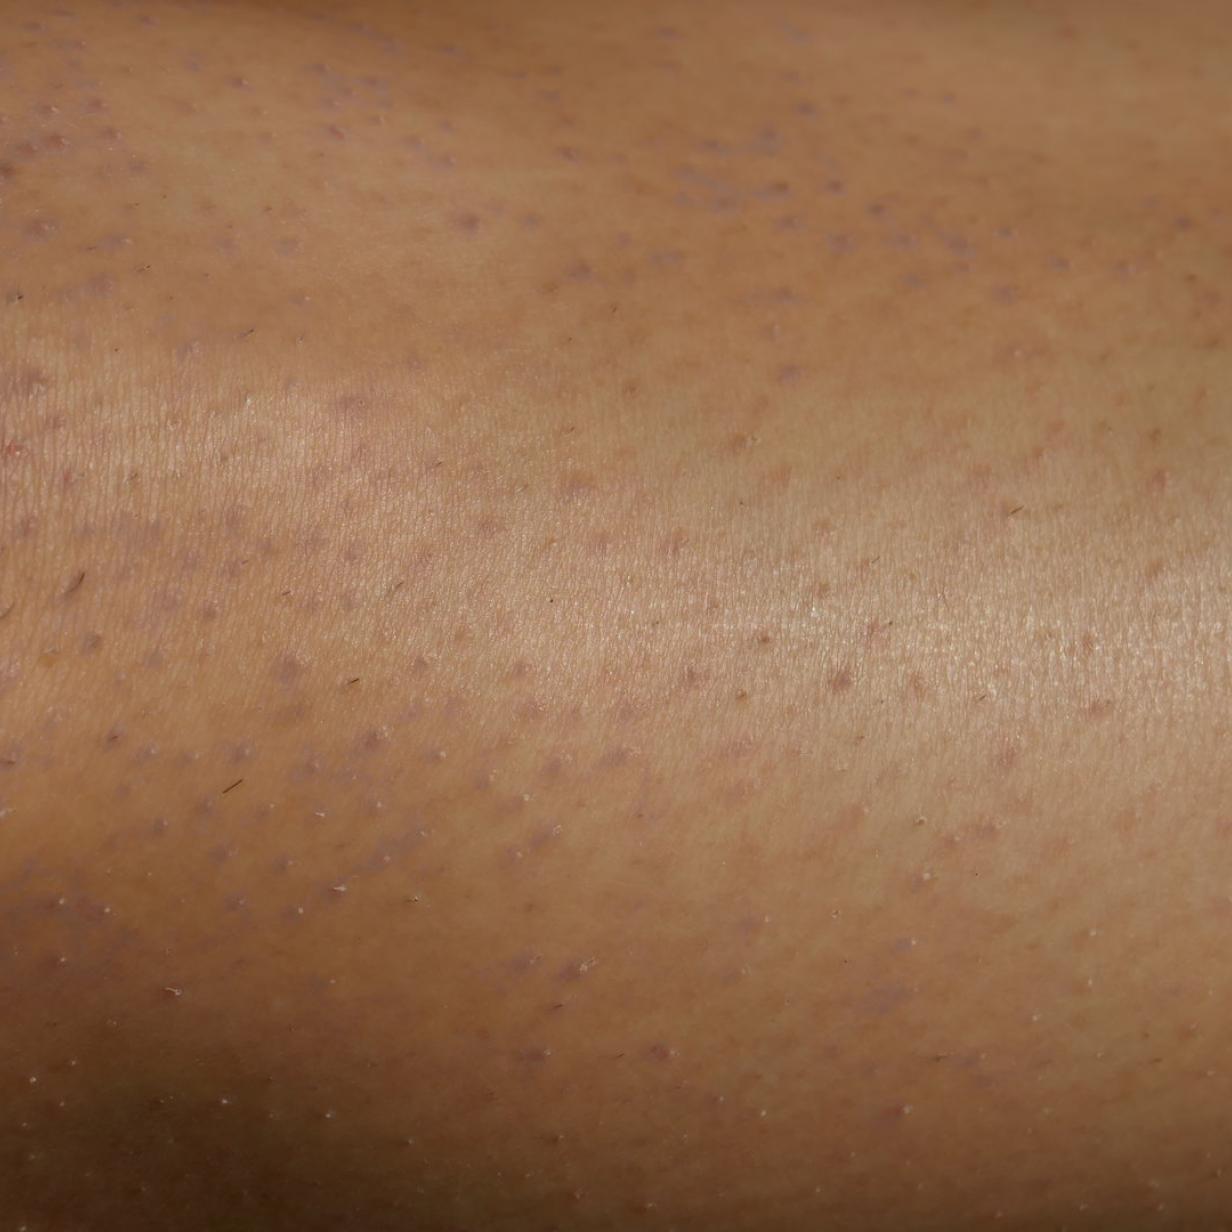 Erdbeerbeine: Was gegen dunkle Punkte auf der Haut hilft